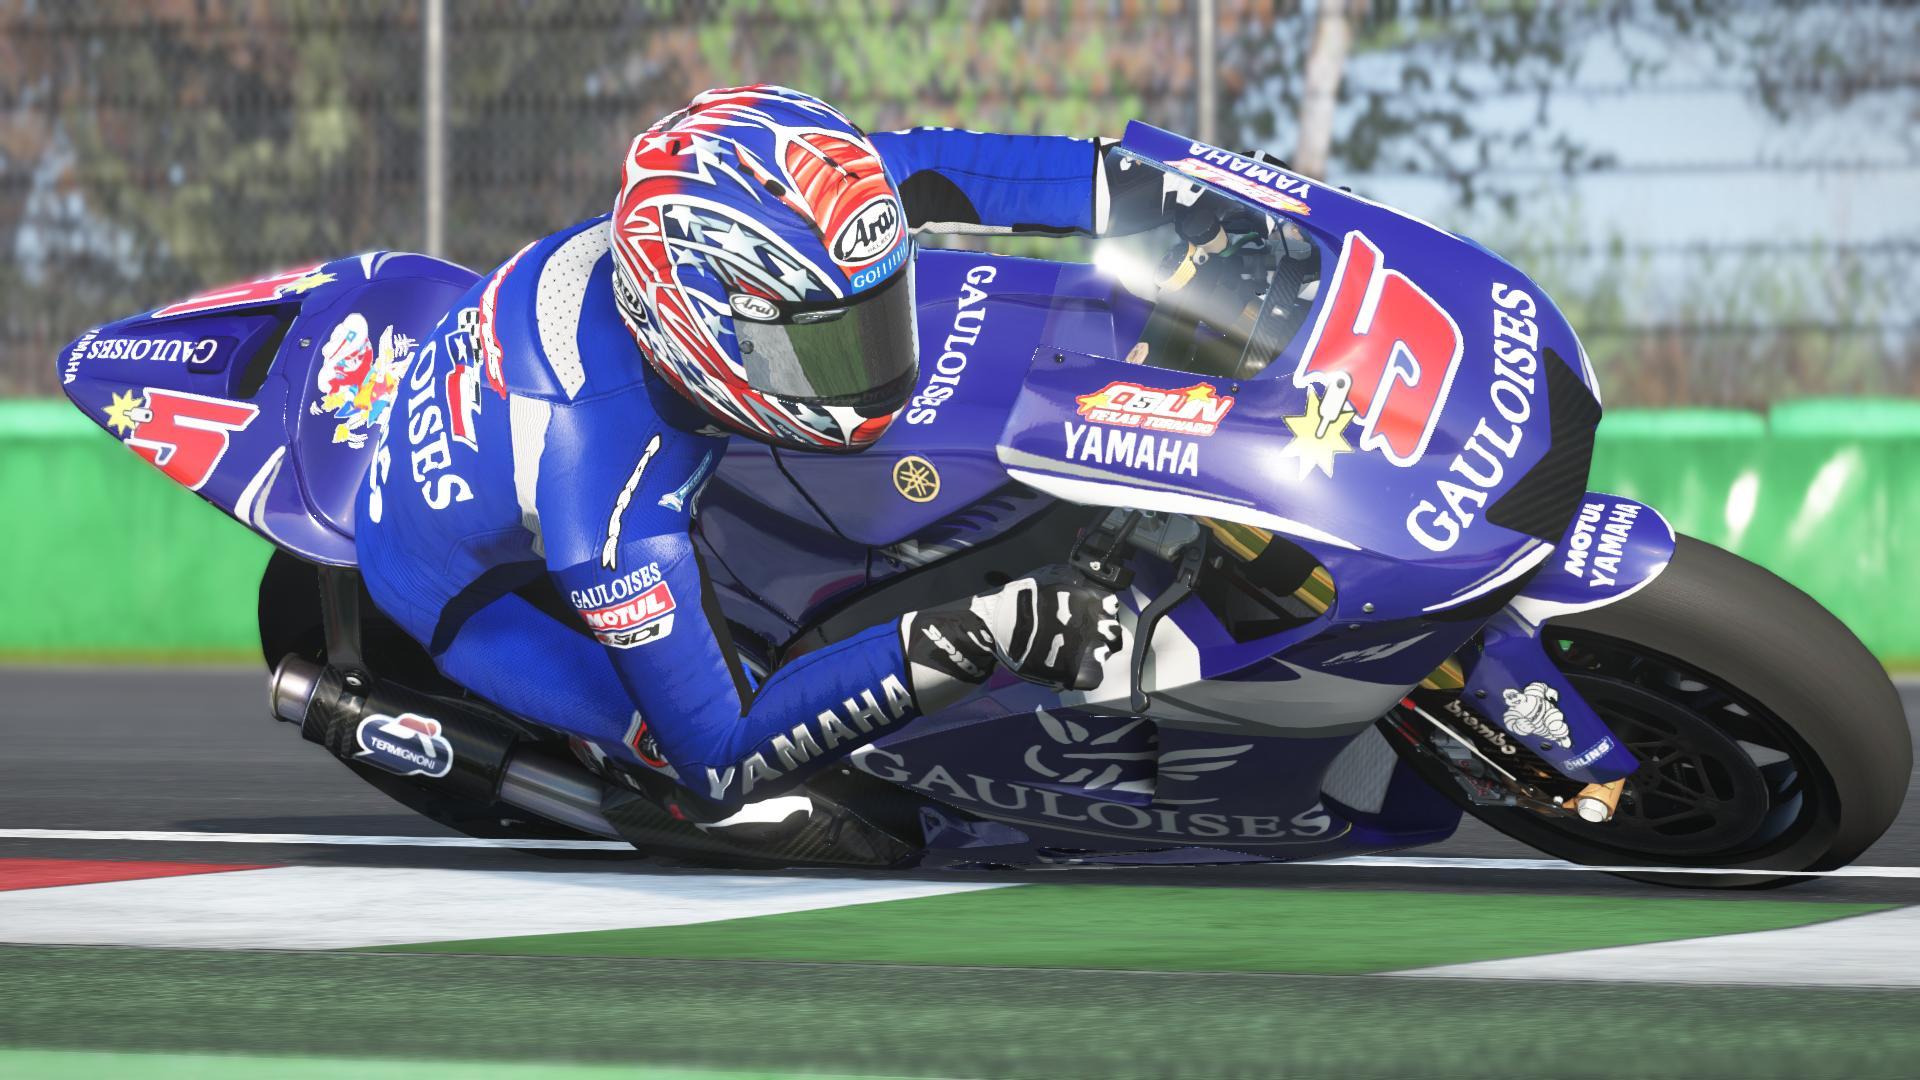 MotoGP17X64 2017-07-13 21-07-41-63.jpg